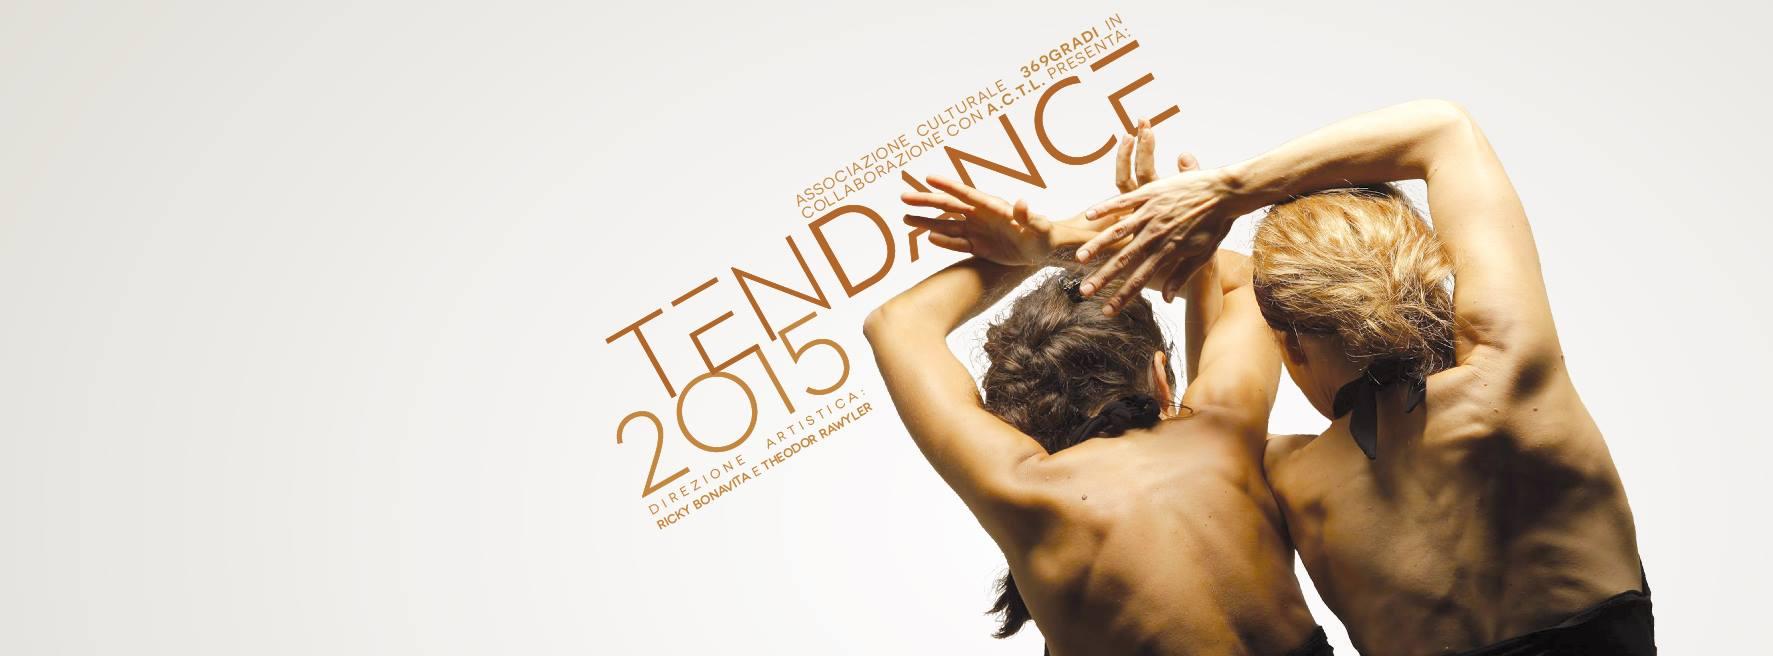 slide 2015 TenDance